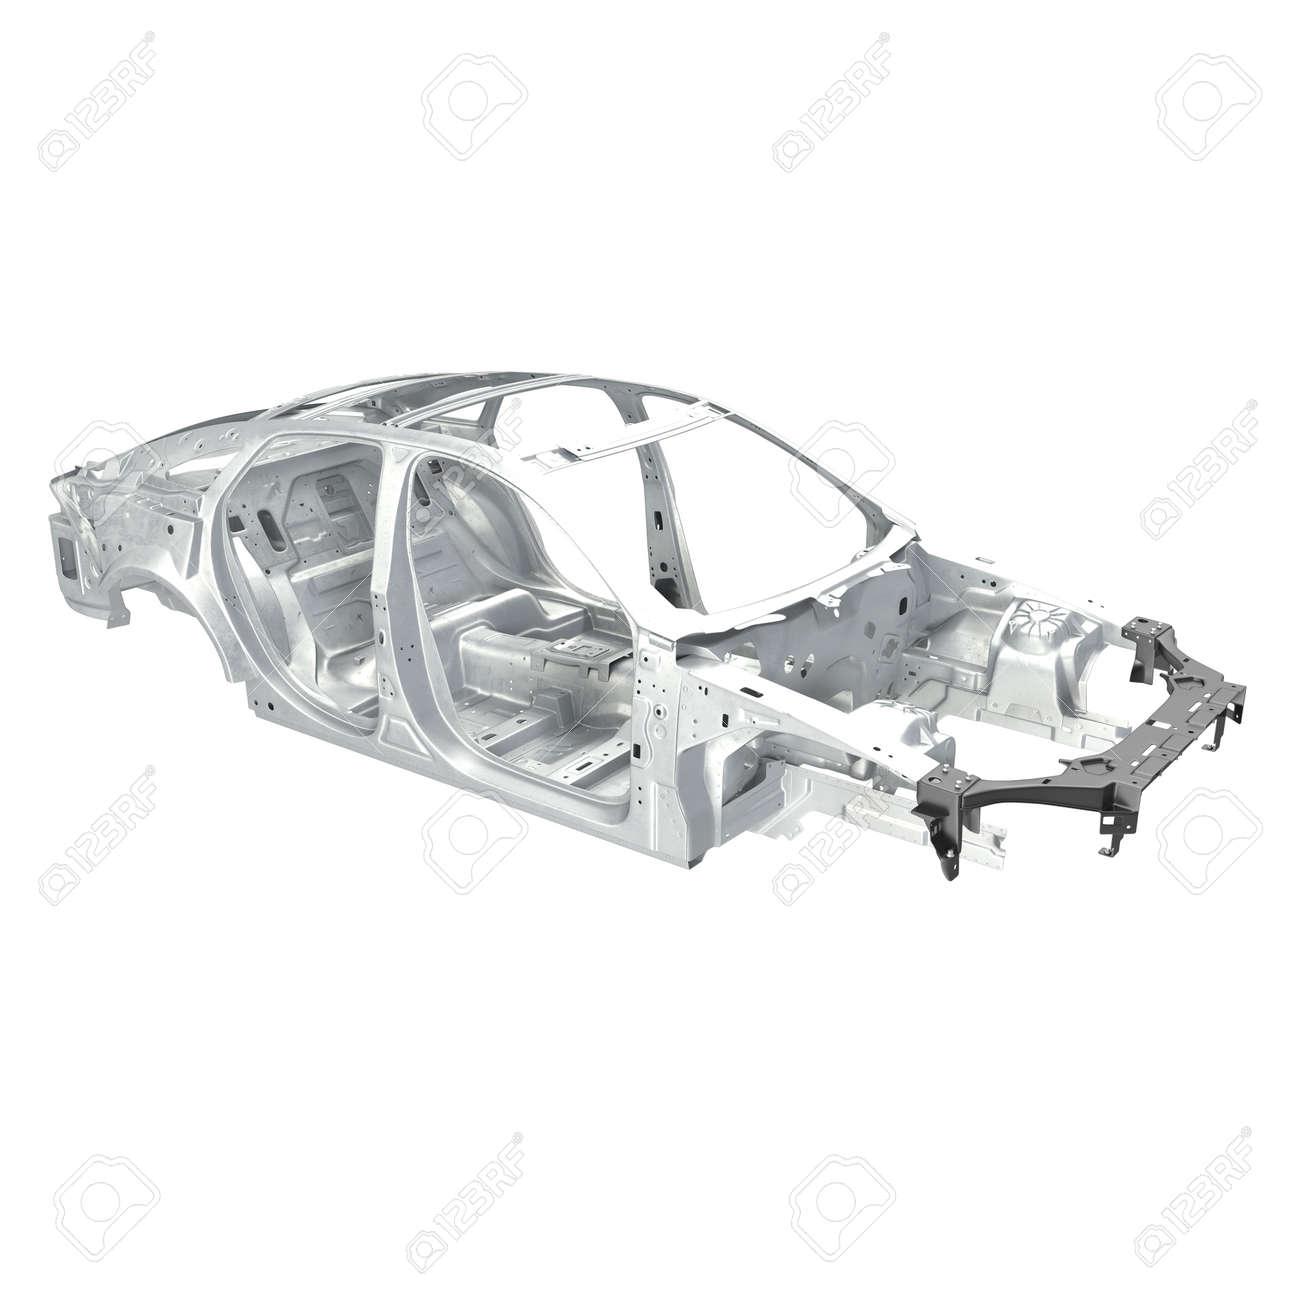 Auto-Rahmen Ohne Chassis Auf Weißem Hintergrund. Winkel Von Oben. 3D ...